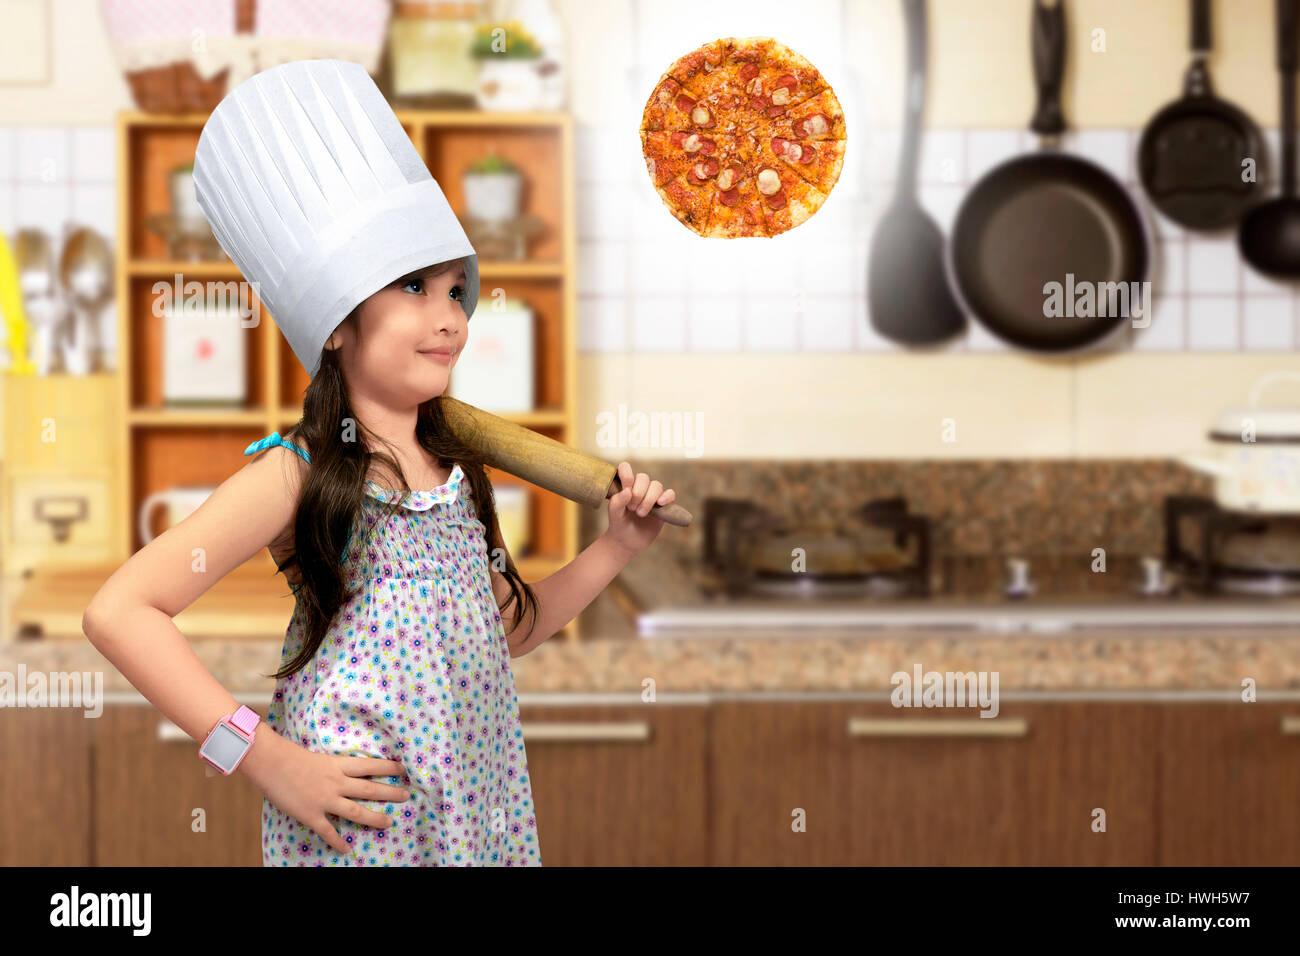 Kleine Asiatin mit Nudelholz denken man Pizza in der Küche Stockfoto ...